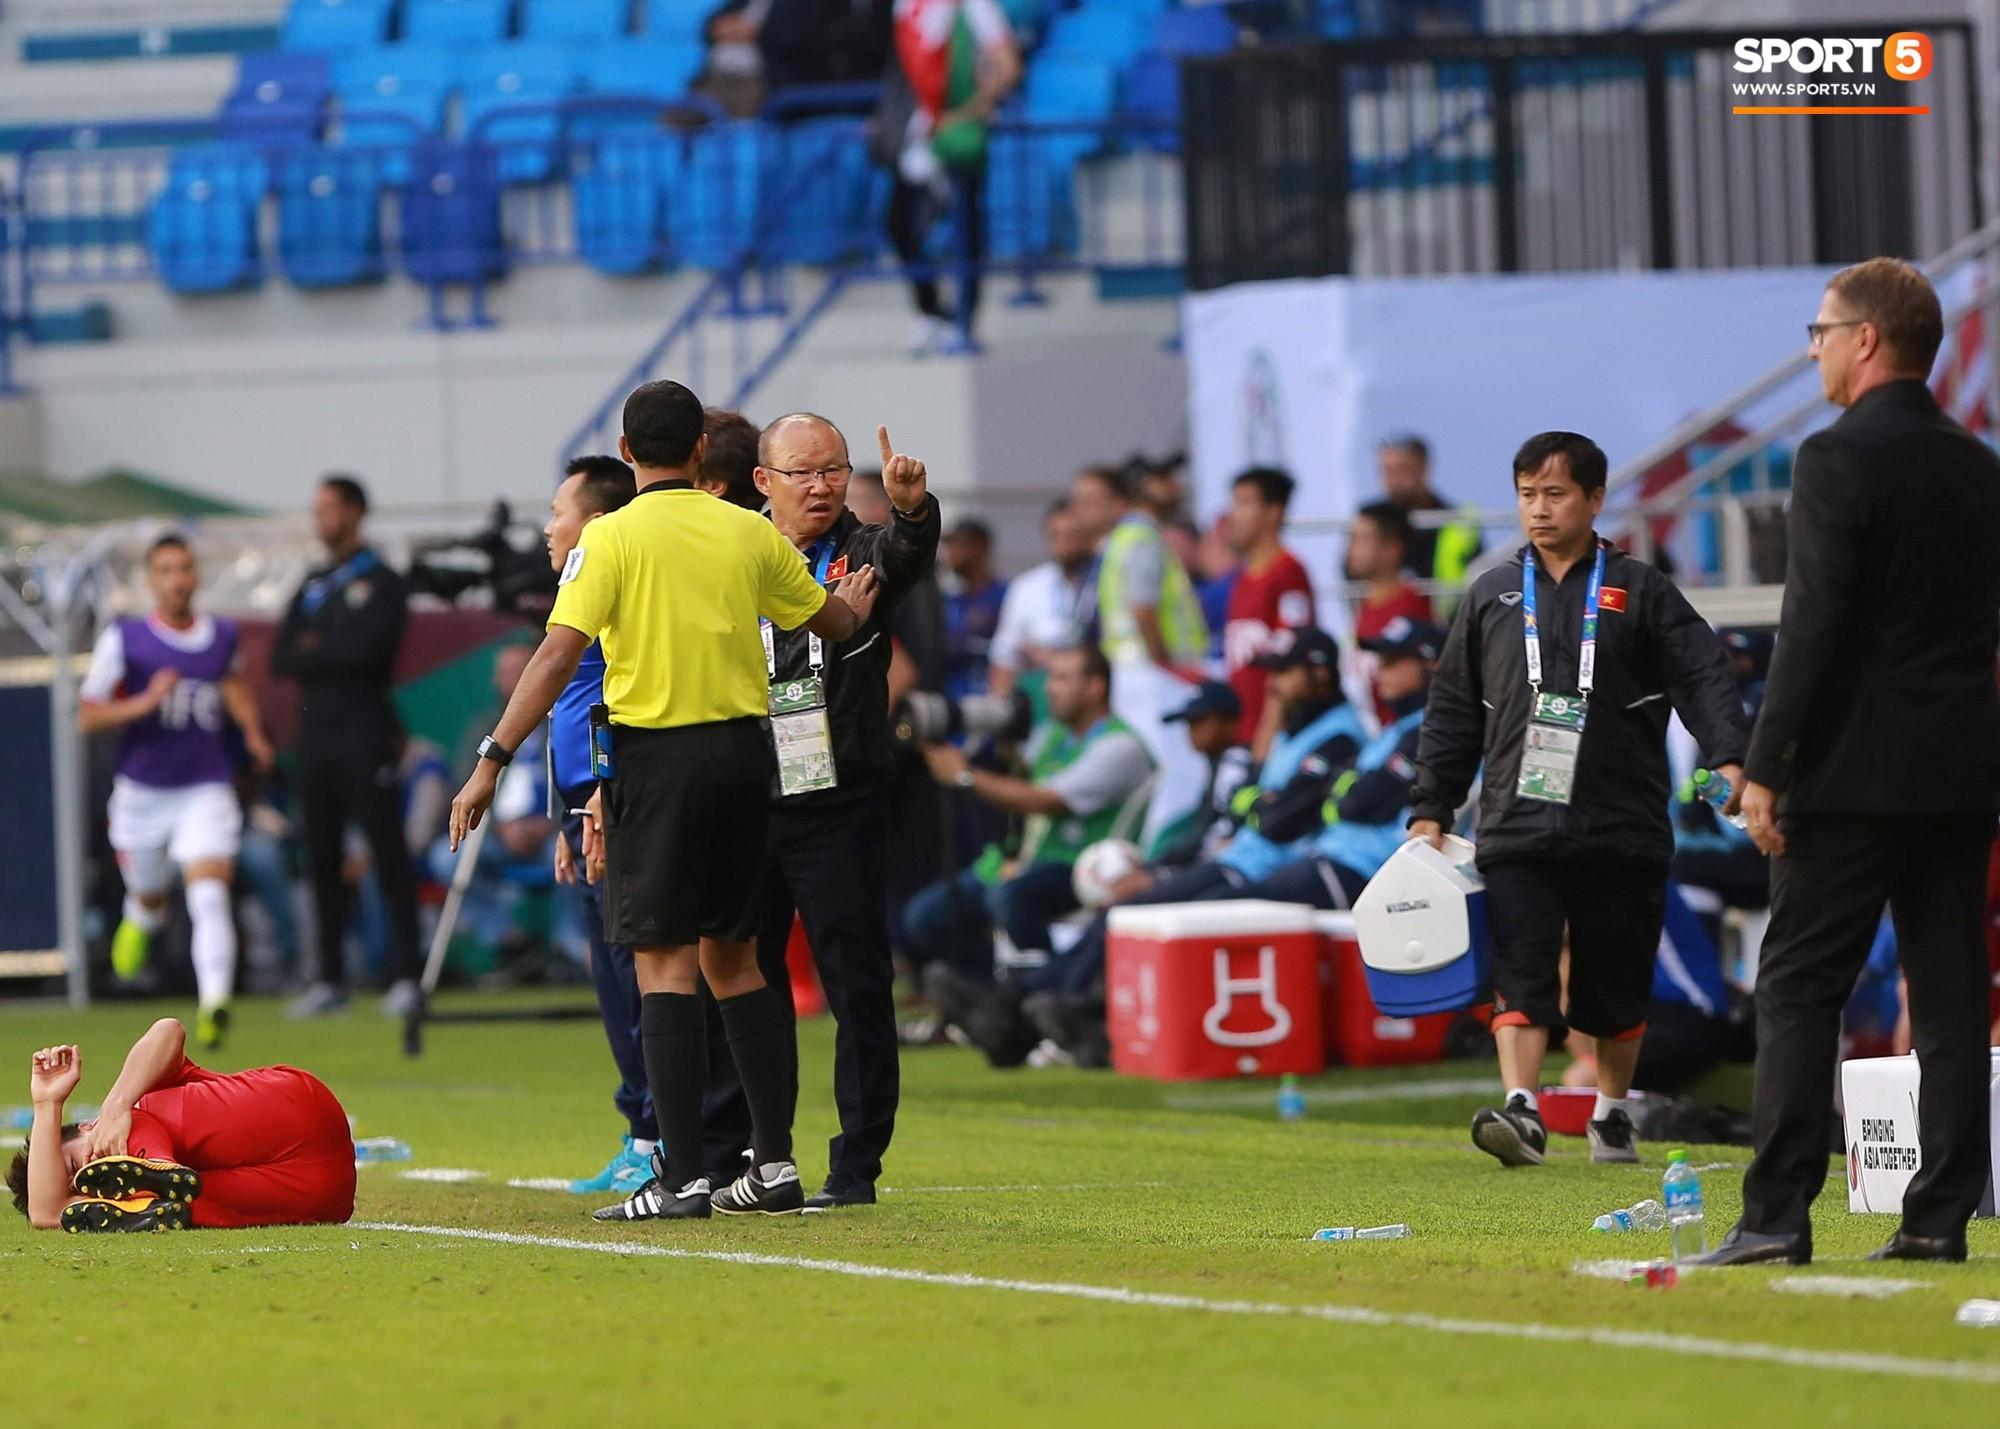 Quang Hải bị phạm lỗi, HLV Park Hang Seo gắt với cả trọng tài và HLV Jordan để đòi công bằng-3